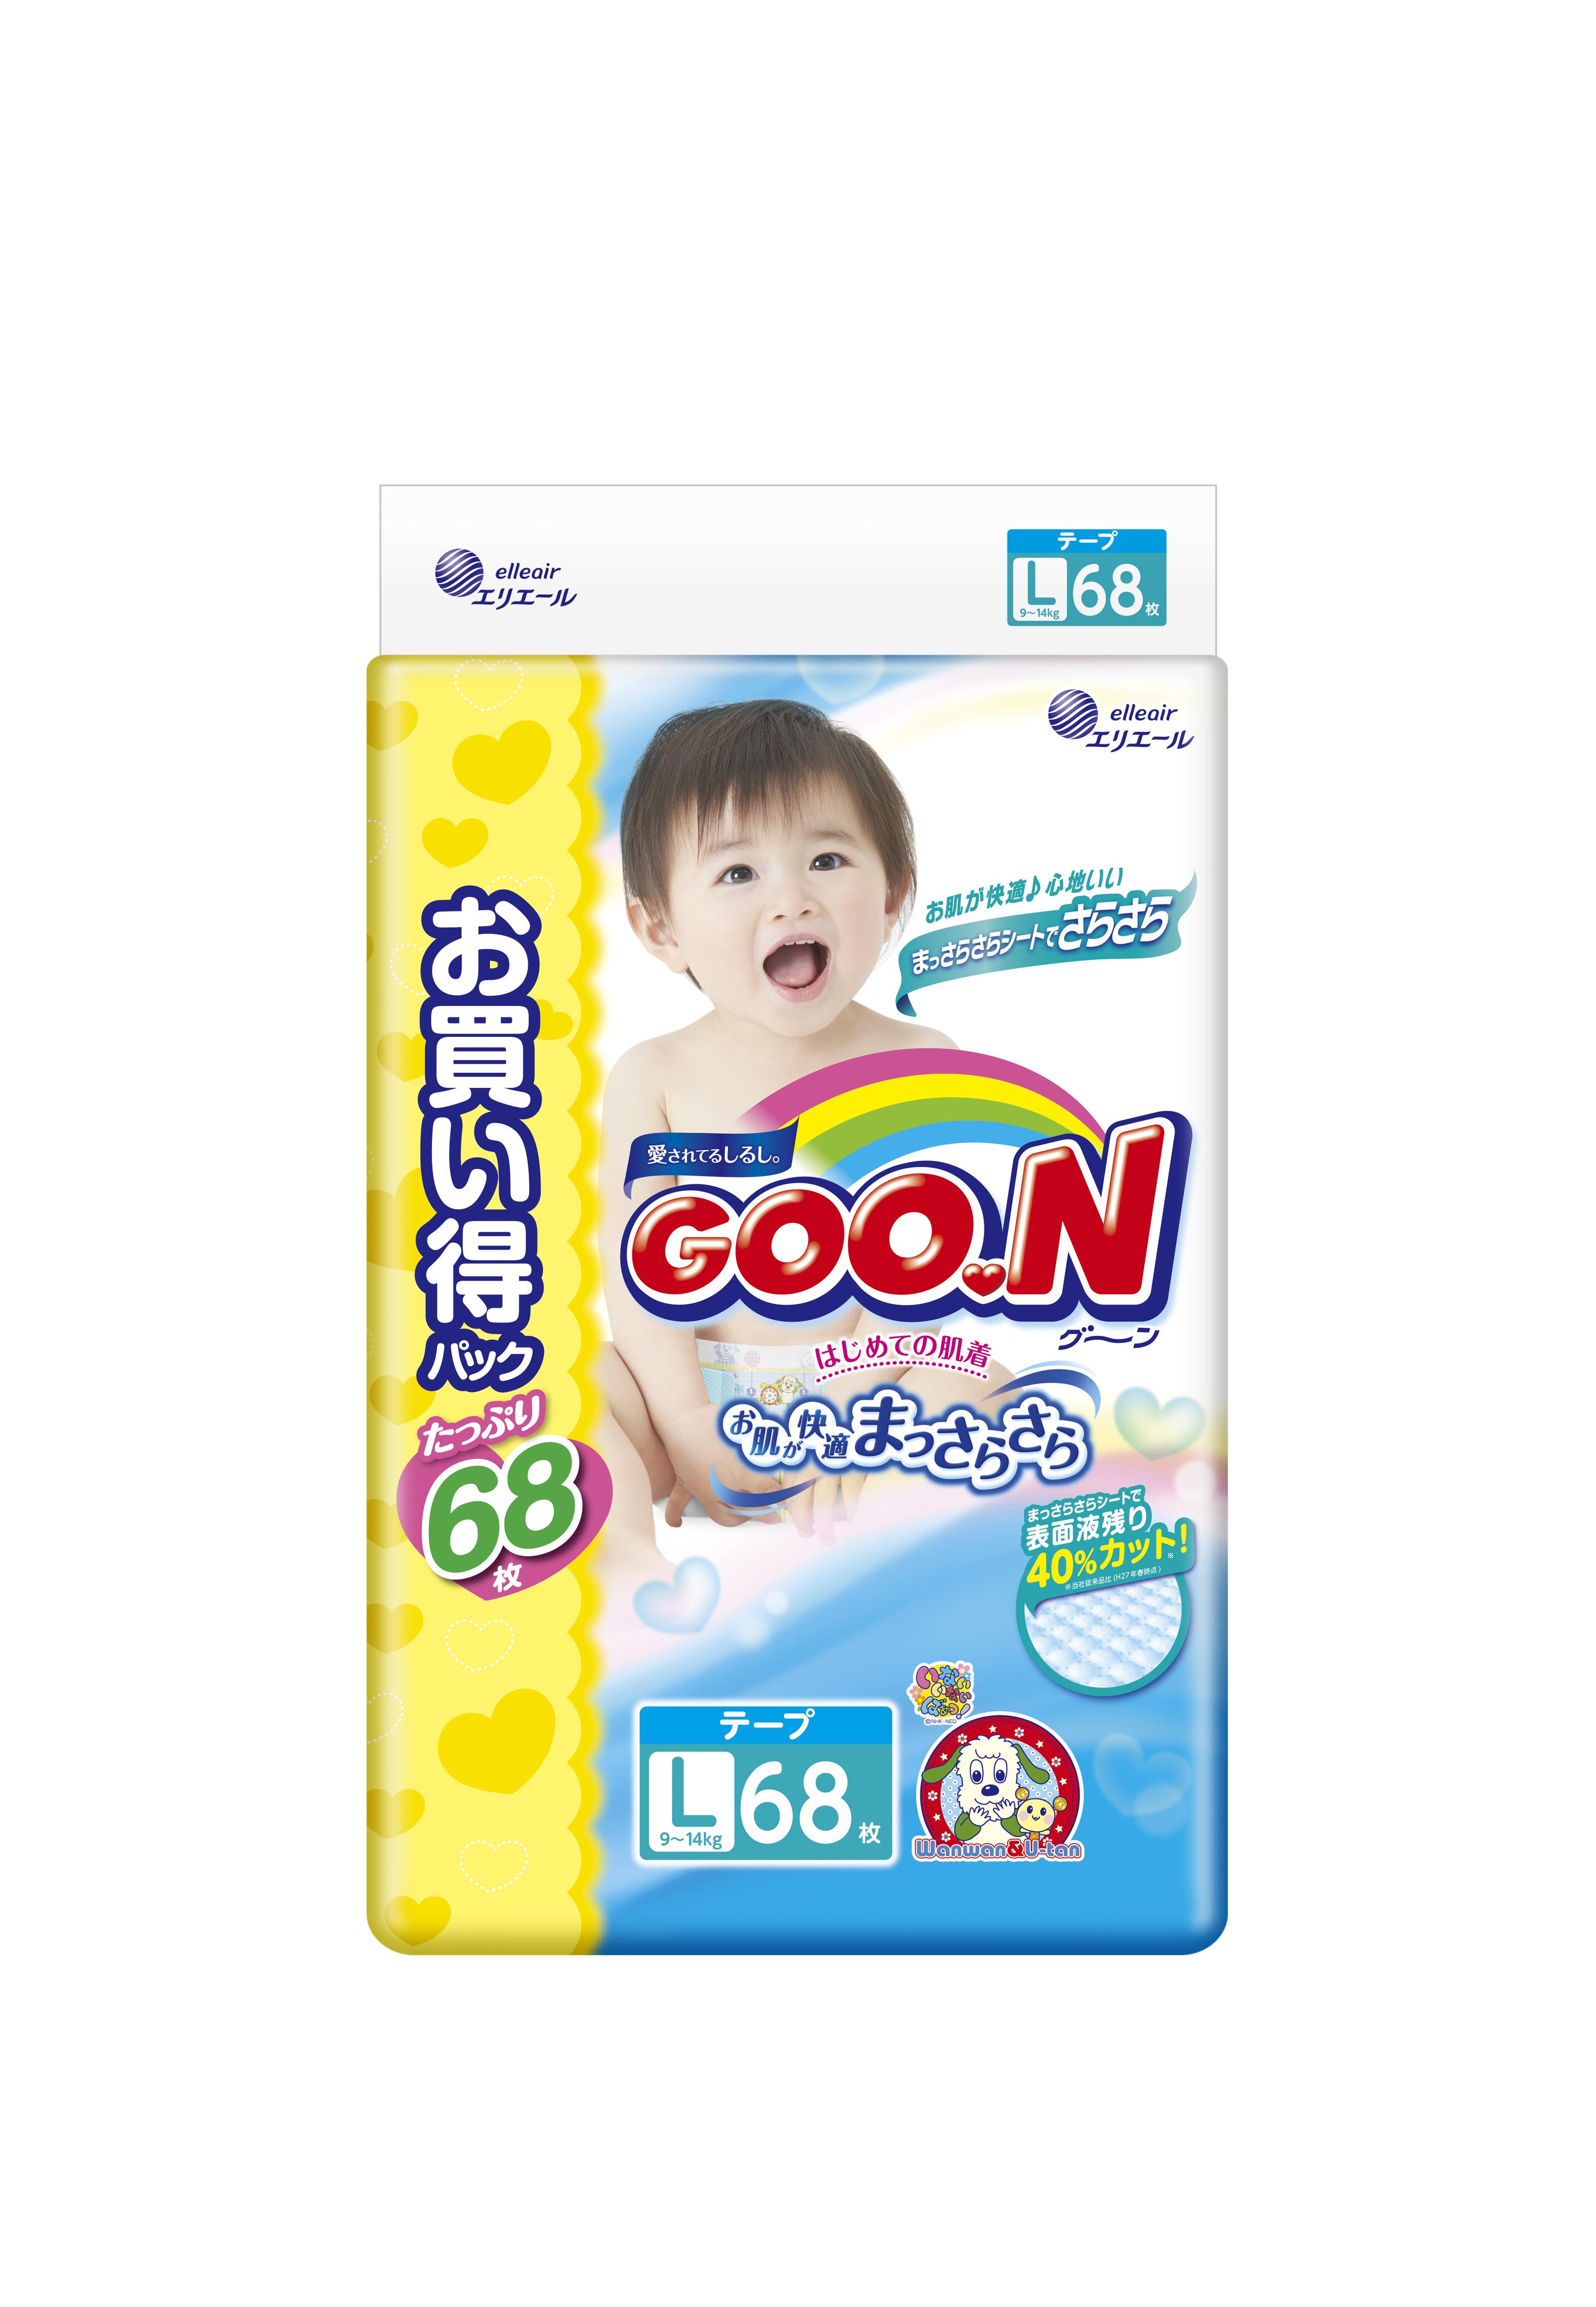 25d2f8d5070c Подгузники Goon - цена, купить японские подгузники и памперсы Гун ...